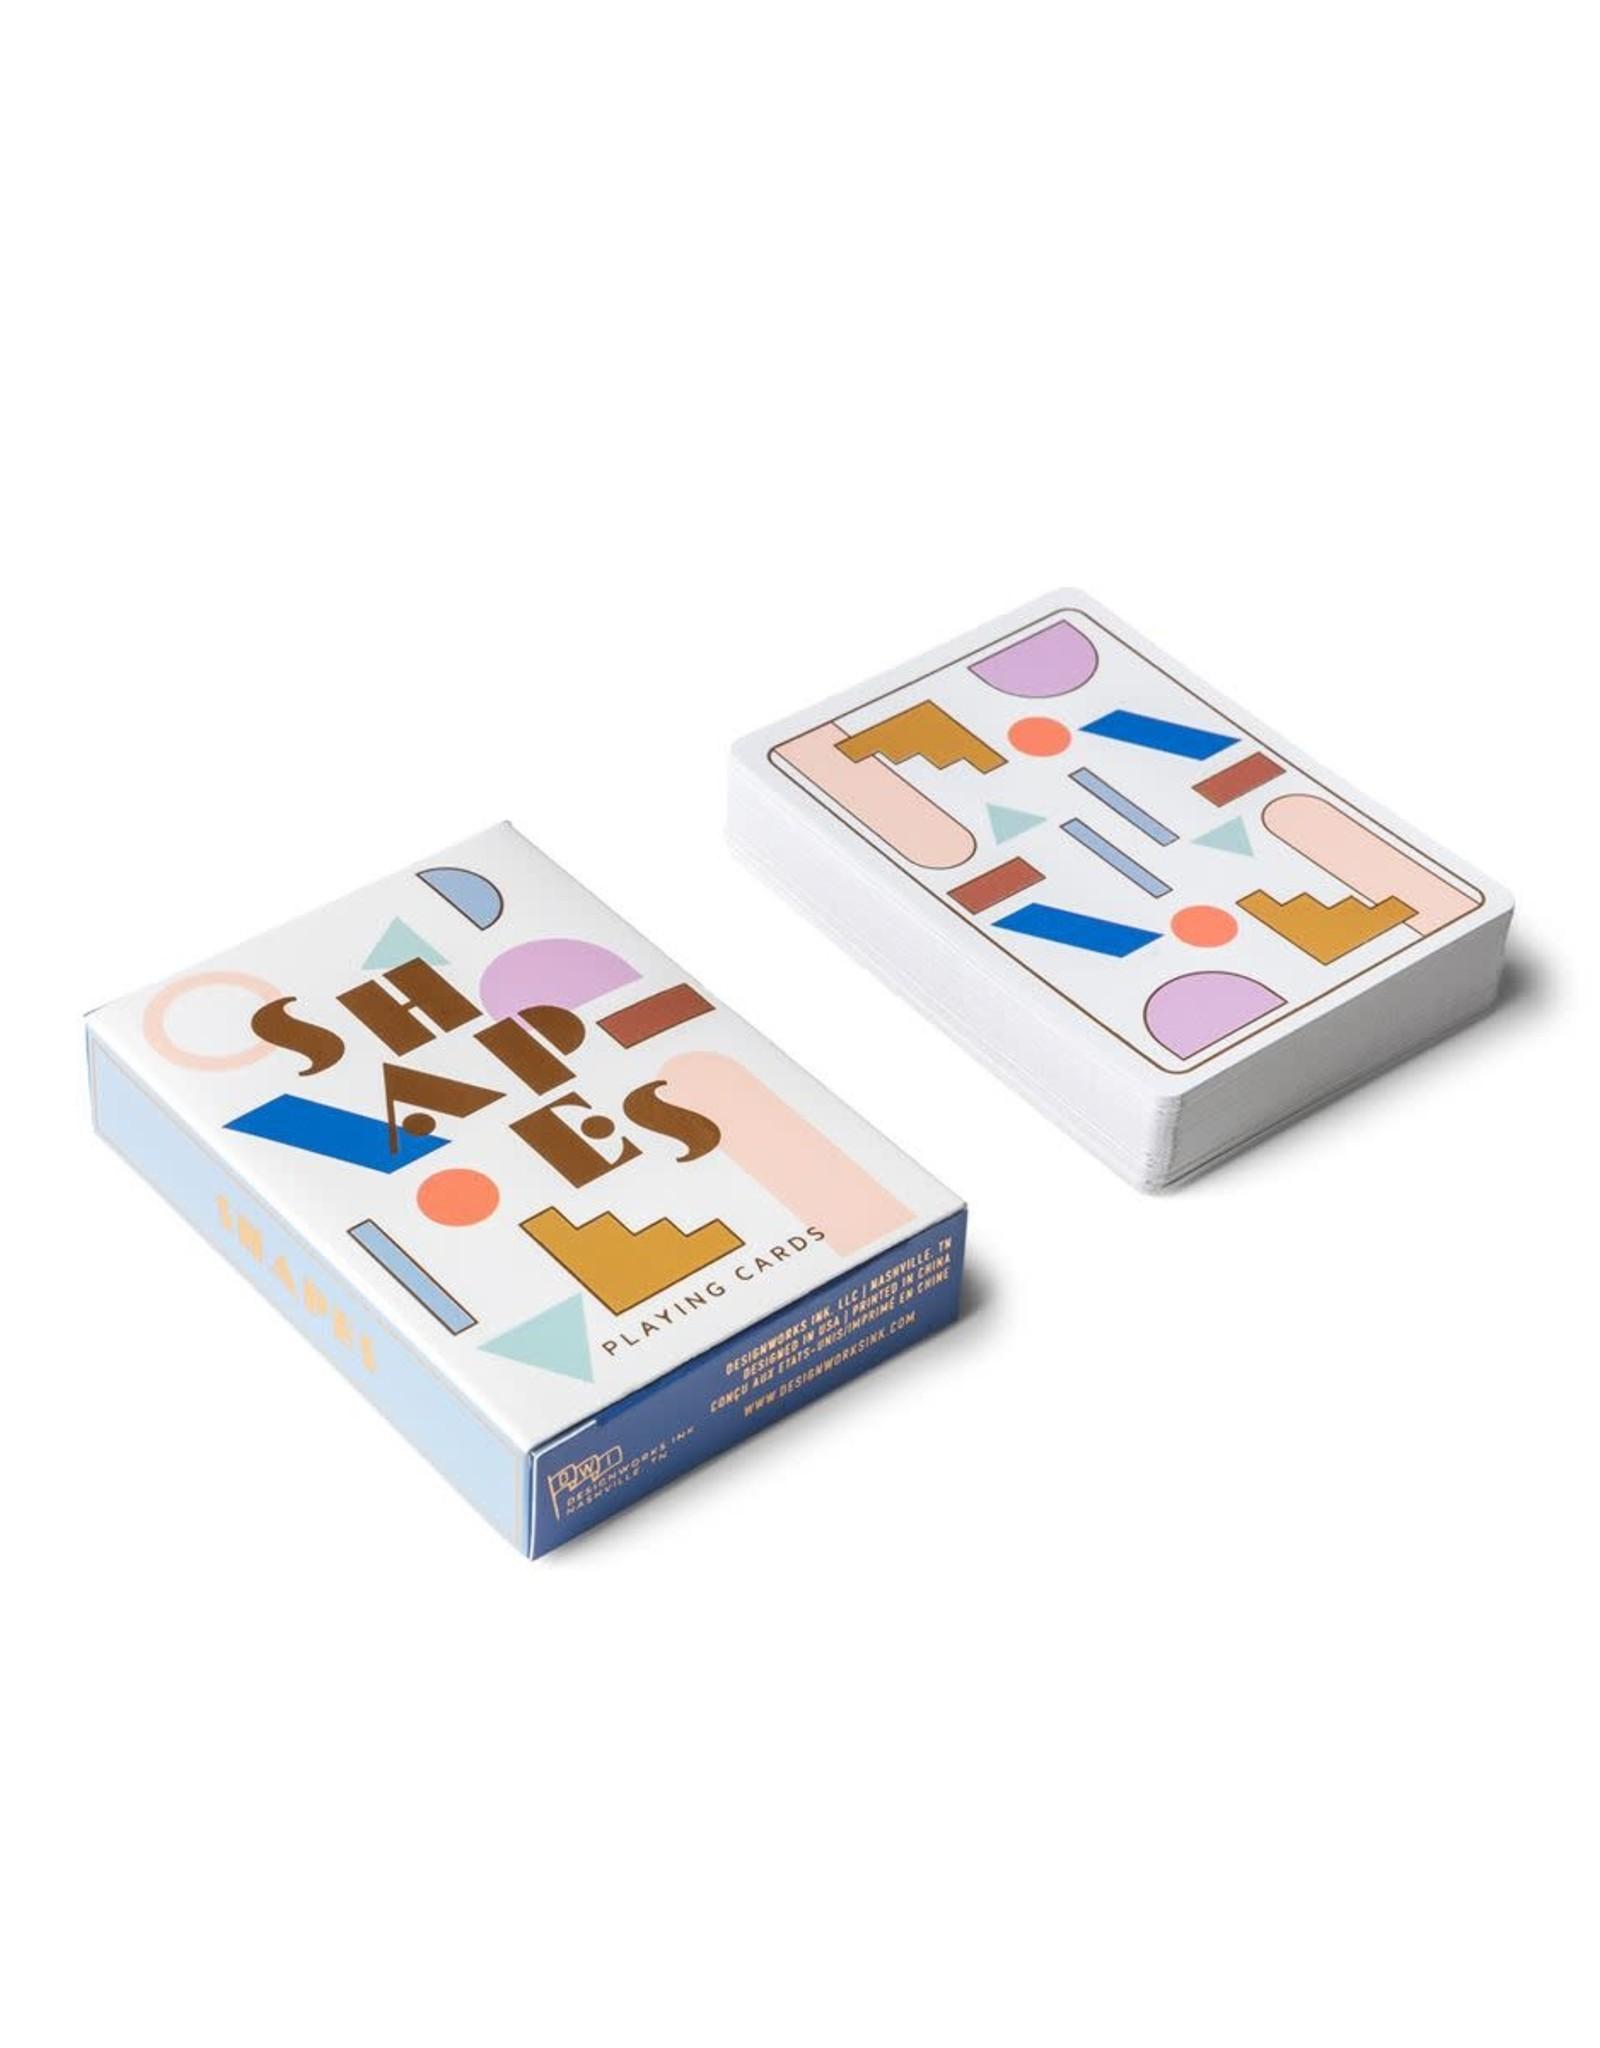 Designworks Ink Designworks Ink Deck of Playing Cards